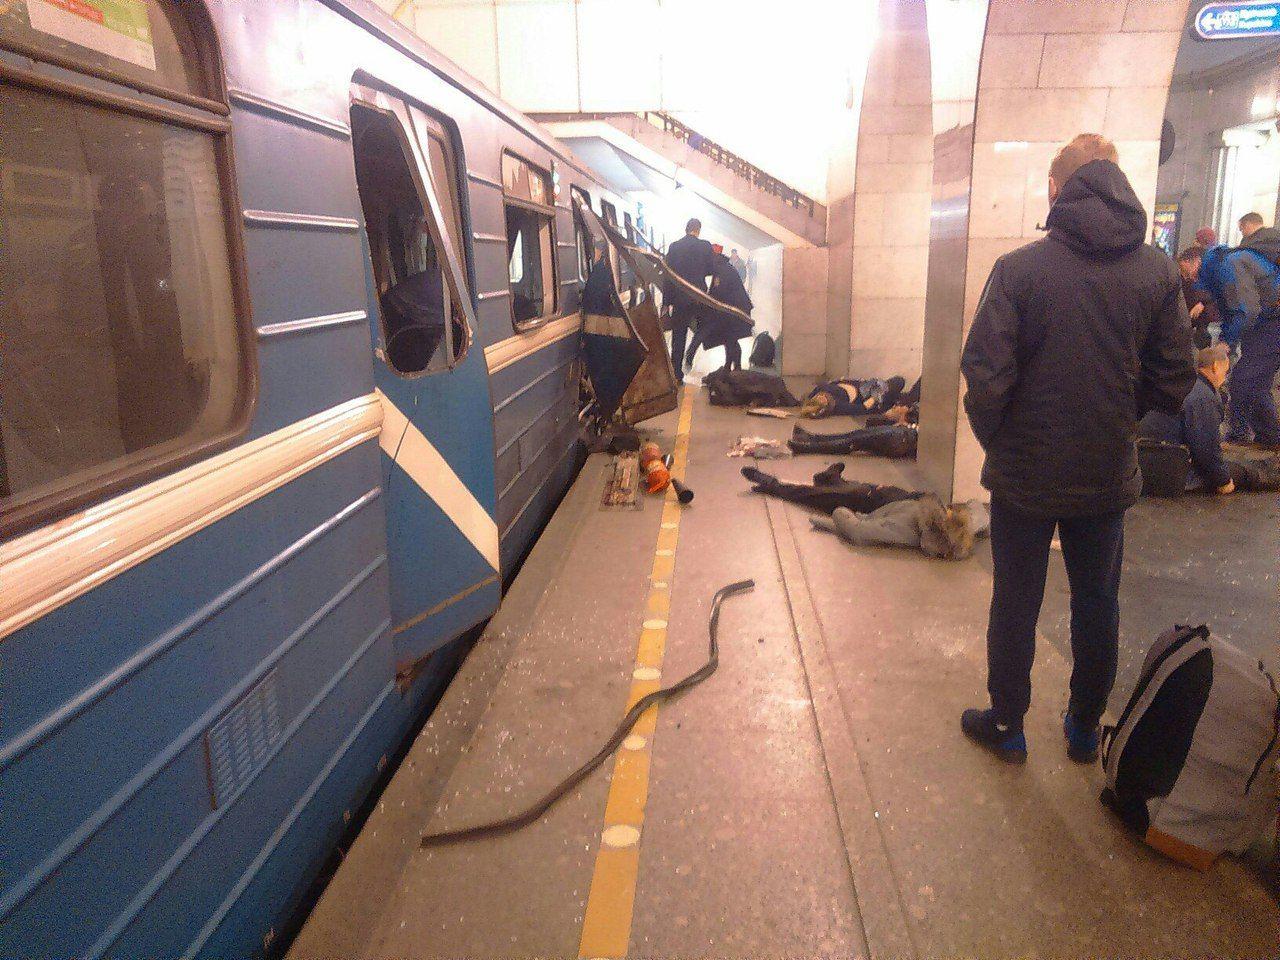 Последствия теракта в метро Питера, иллюстрация